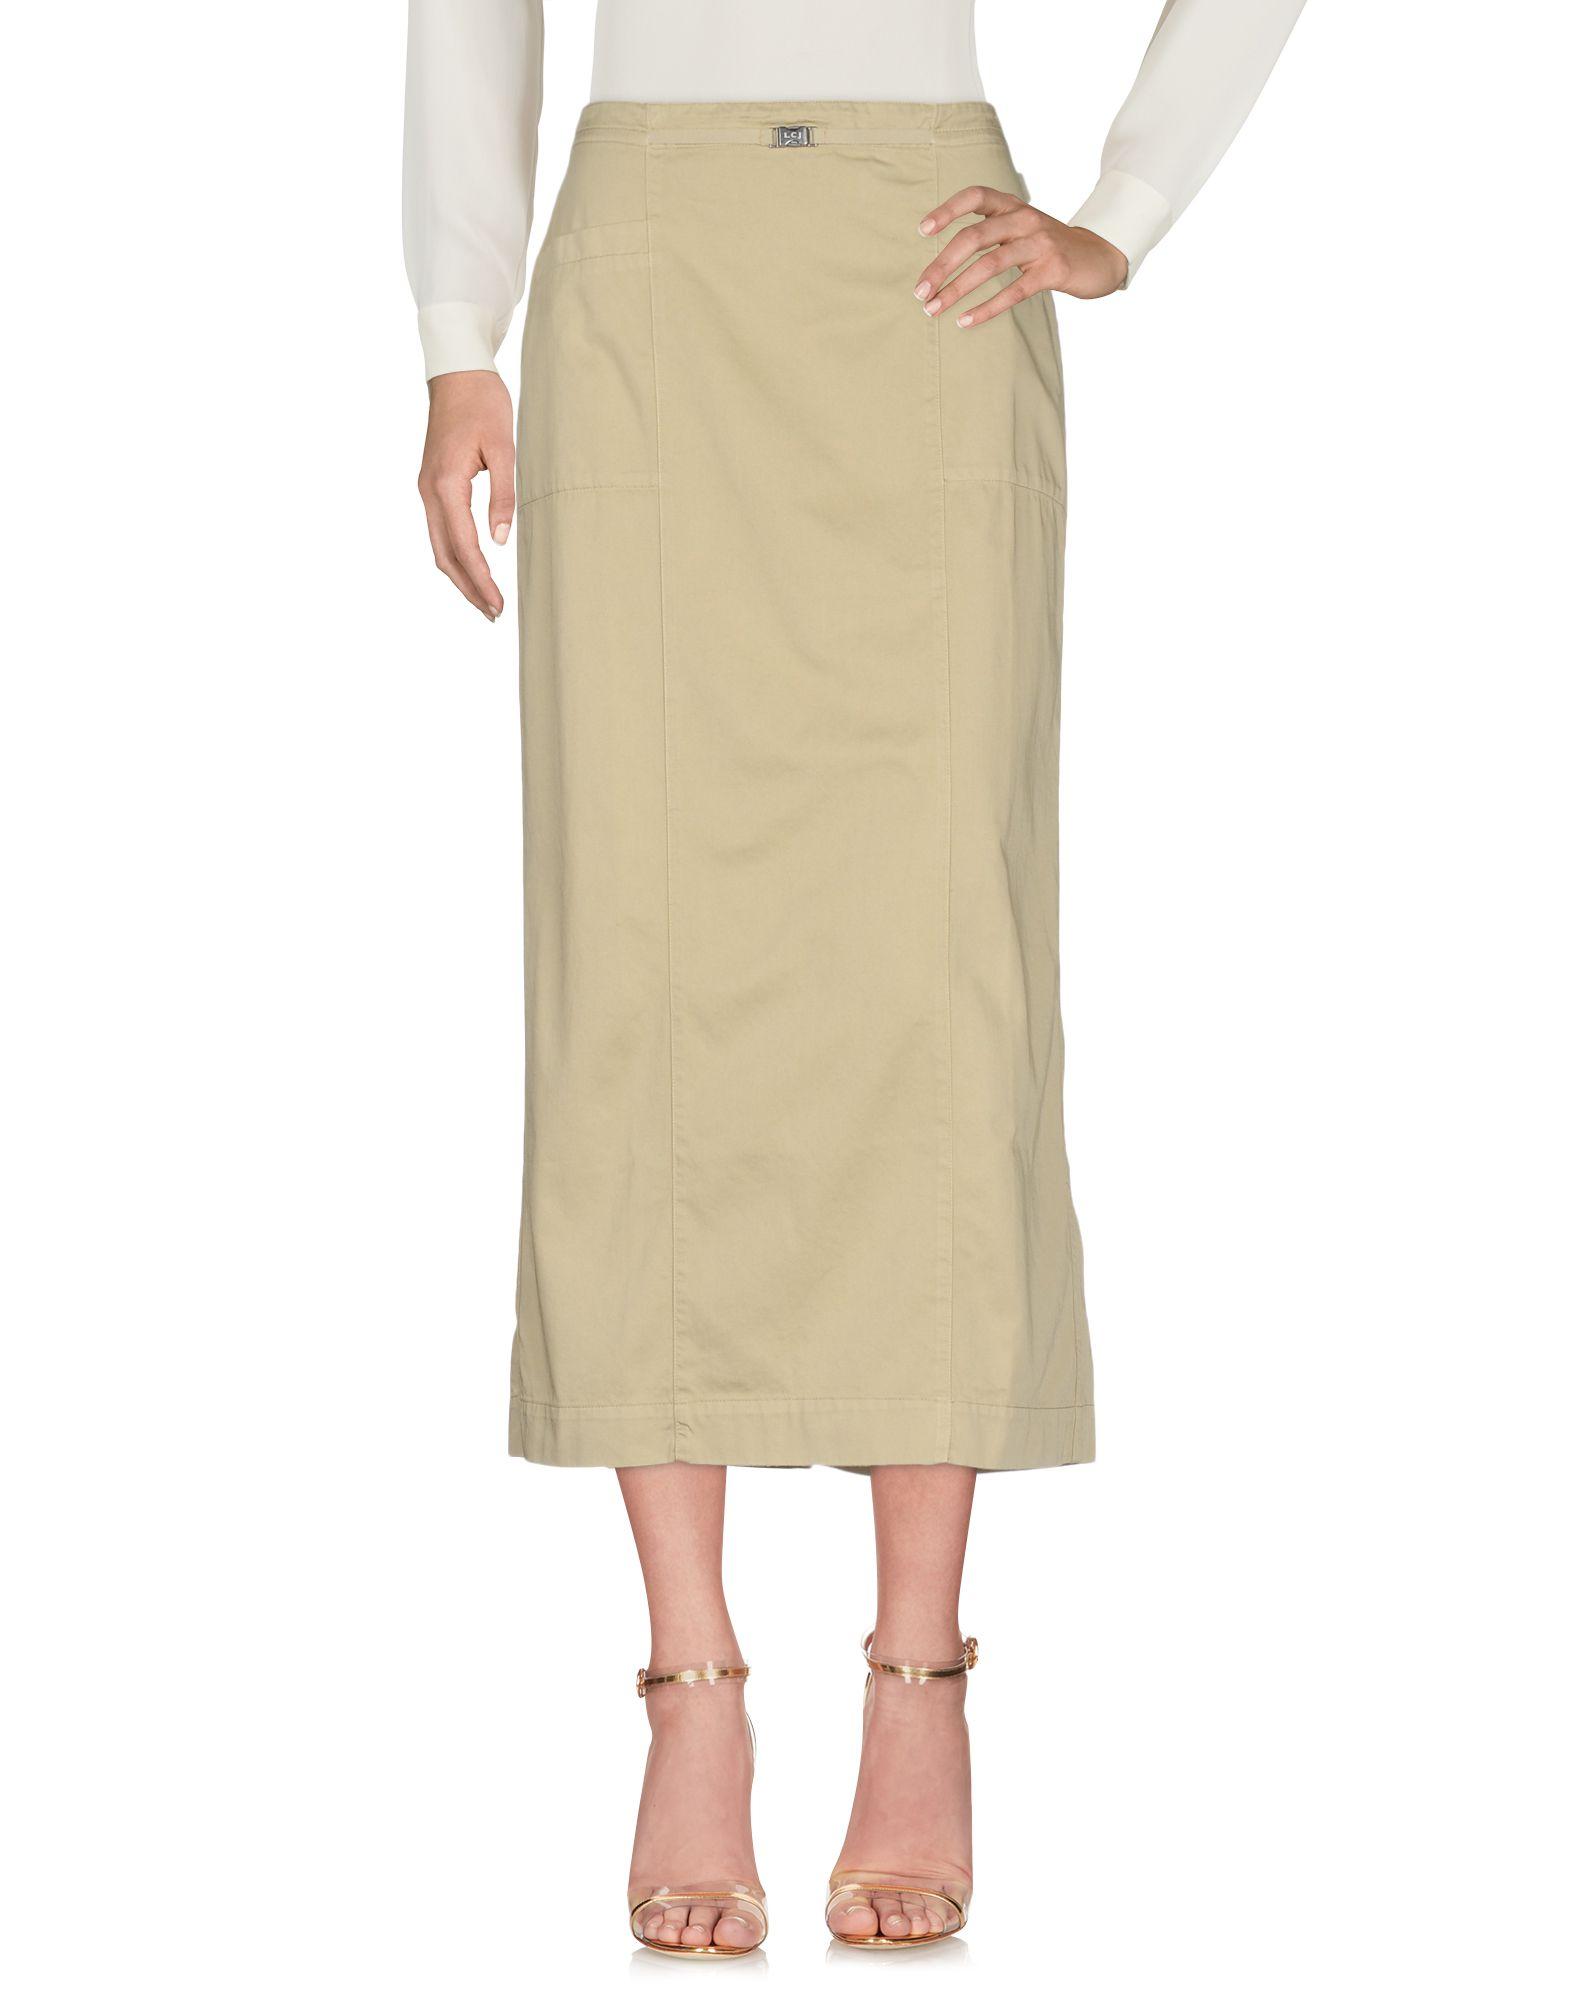 Gonna Longuette Jeans Les Copains Donna - Acquista online su fjP5pSC